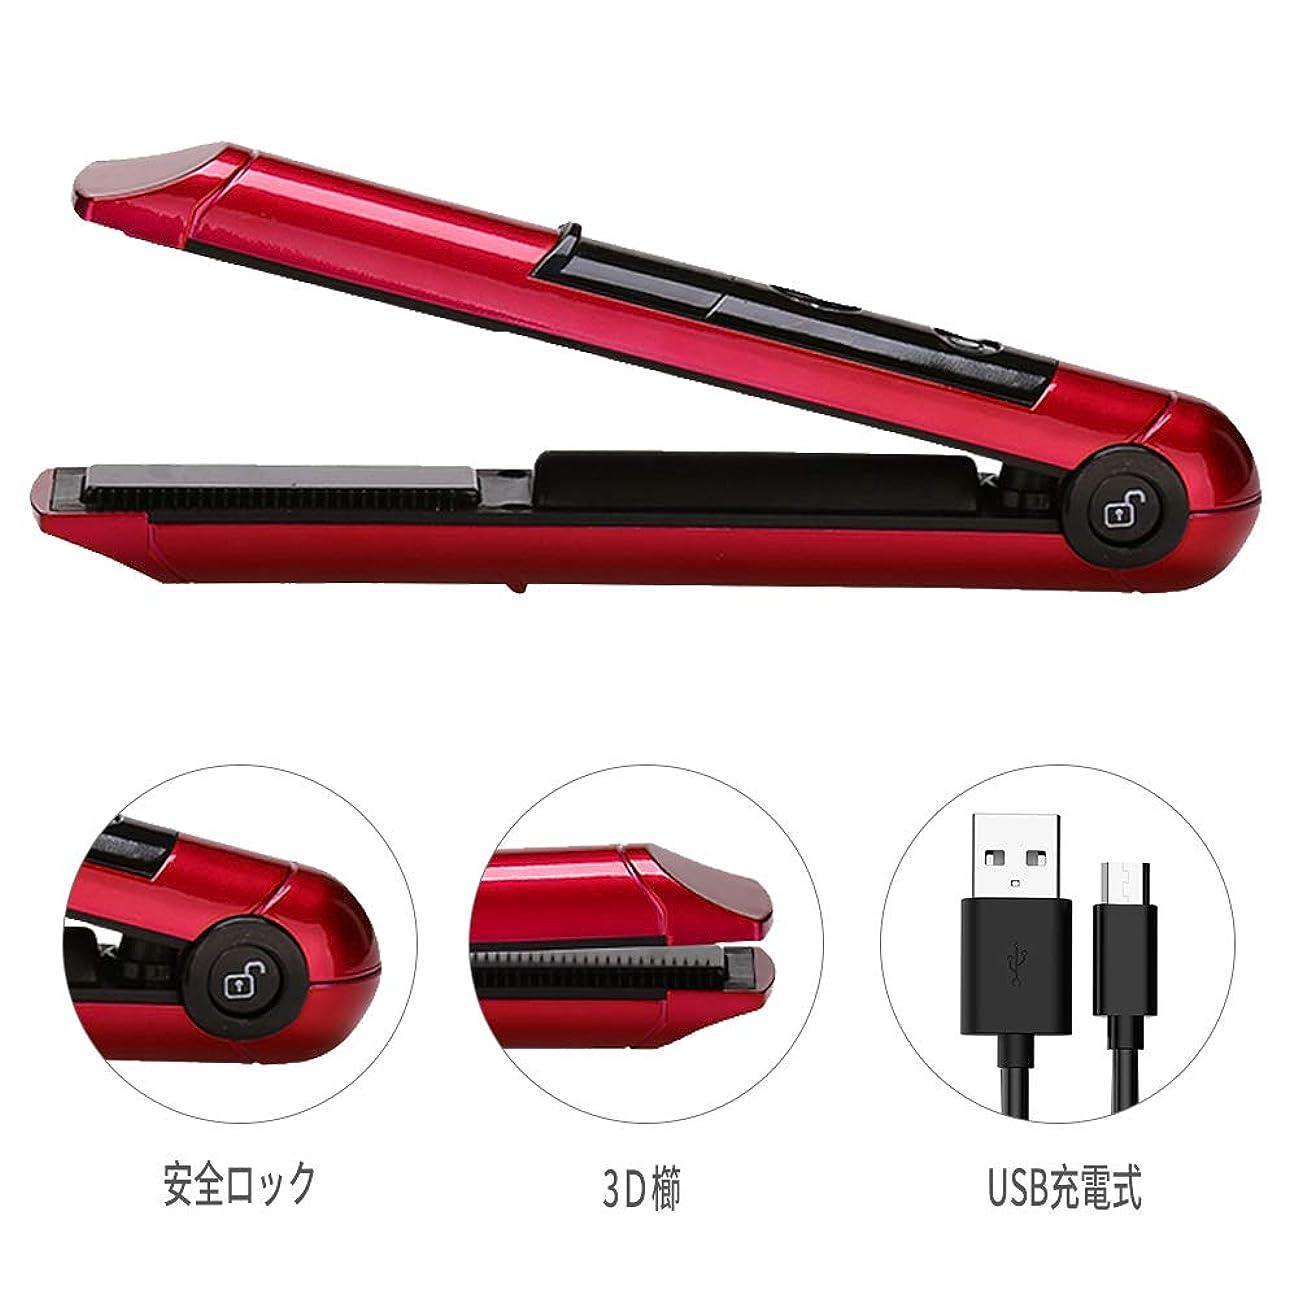 リフレッシュ中で剃るOBEST コードレス ヘアアイロン コンパクト USB充電式 持ち運び便利 海外使用対応 LEDランプ表示 3段階温度調節 高温205℃ 閉開ロック付き 2400mAH (レッド)